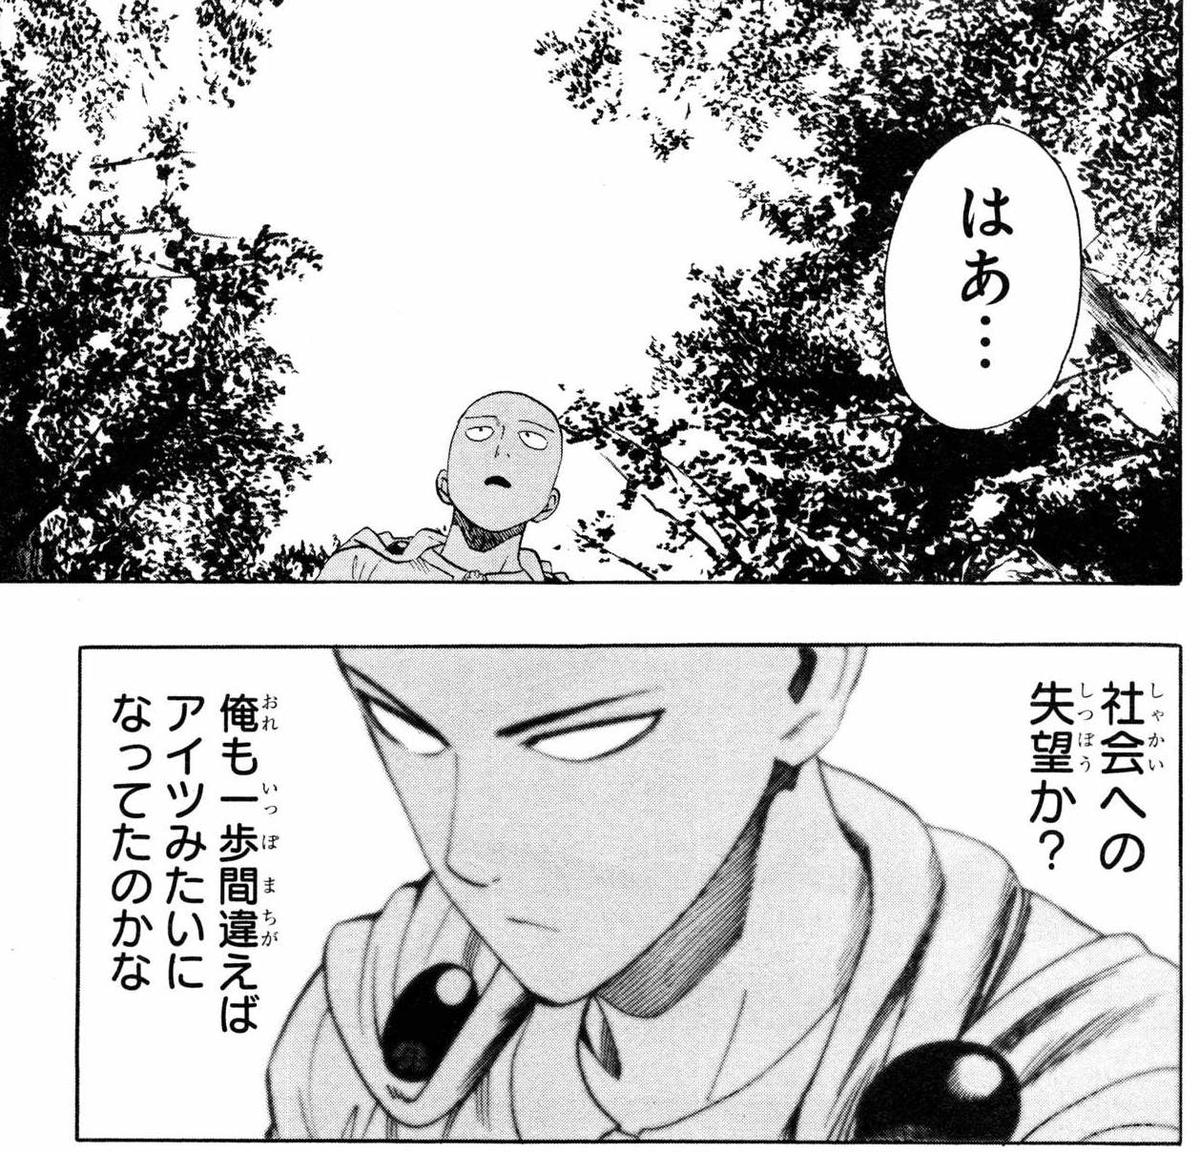 ワンパンマン,ONE,村田雄介